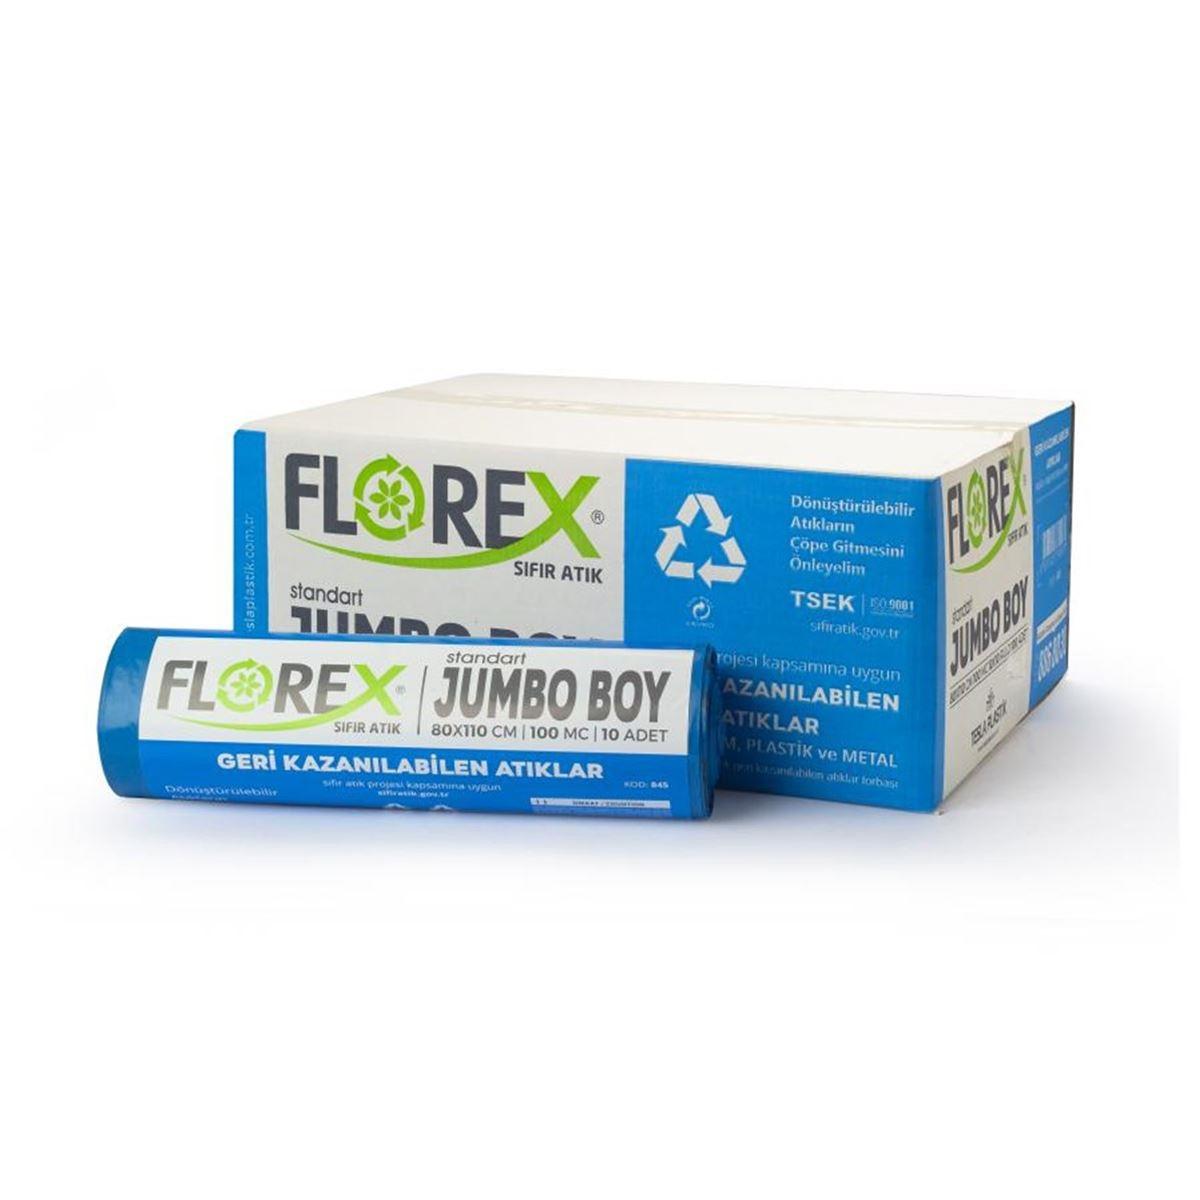 Florex Geri Kazanılabilen Atık Torbası Standart Jumbo 10Adet*10Rulo resmi